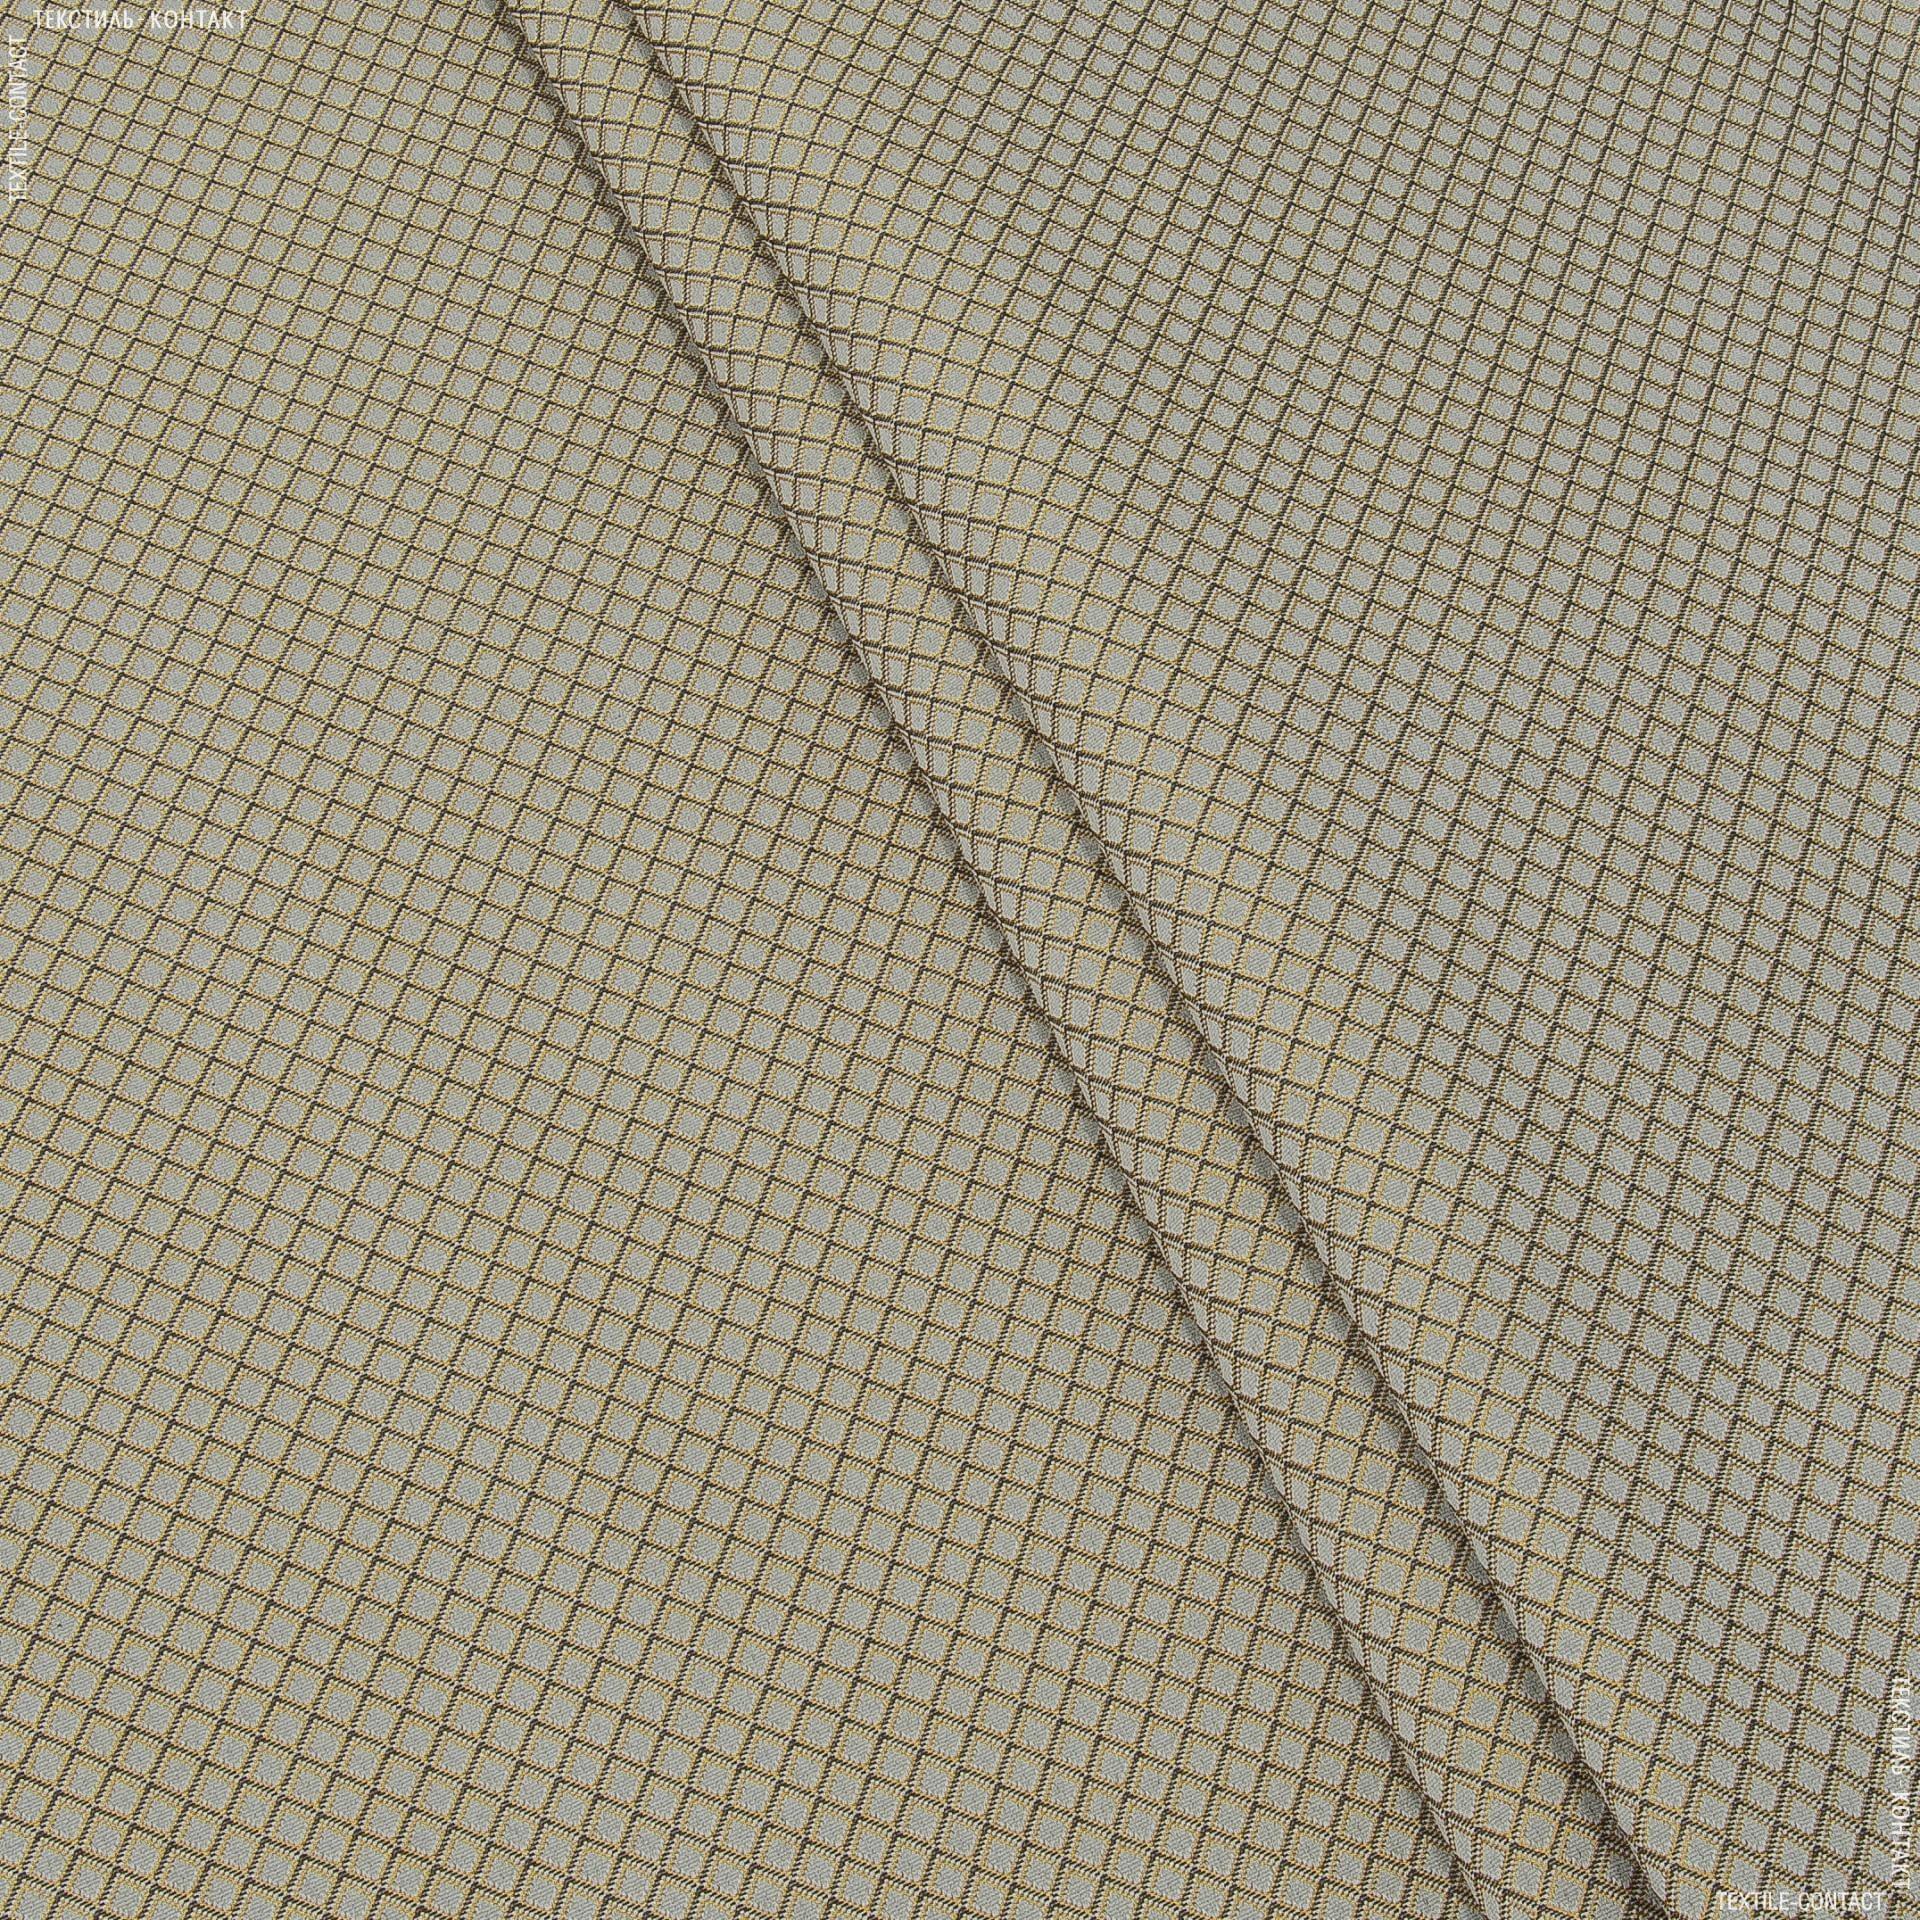 Тканини портьєрні тканини - Декор армавір,ромб,т.бєж